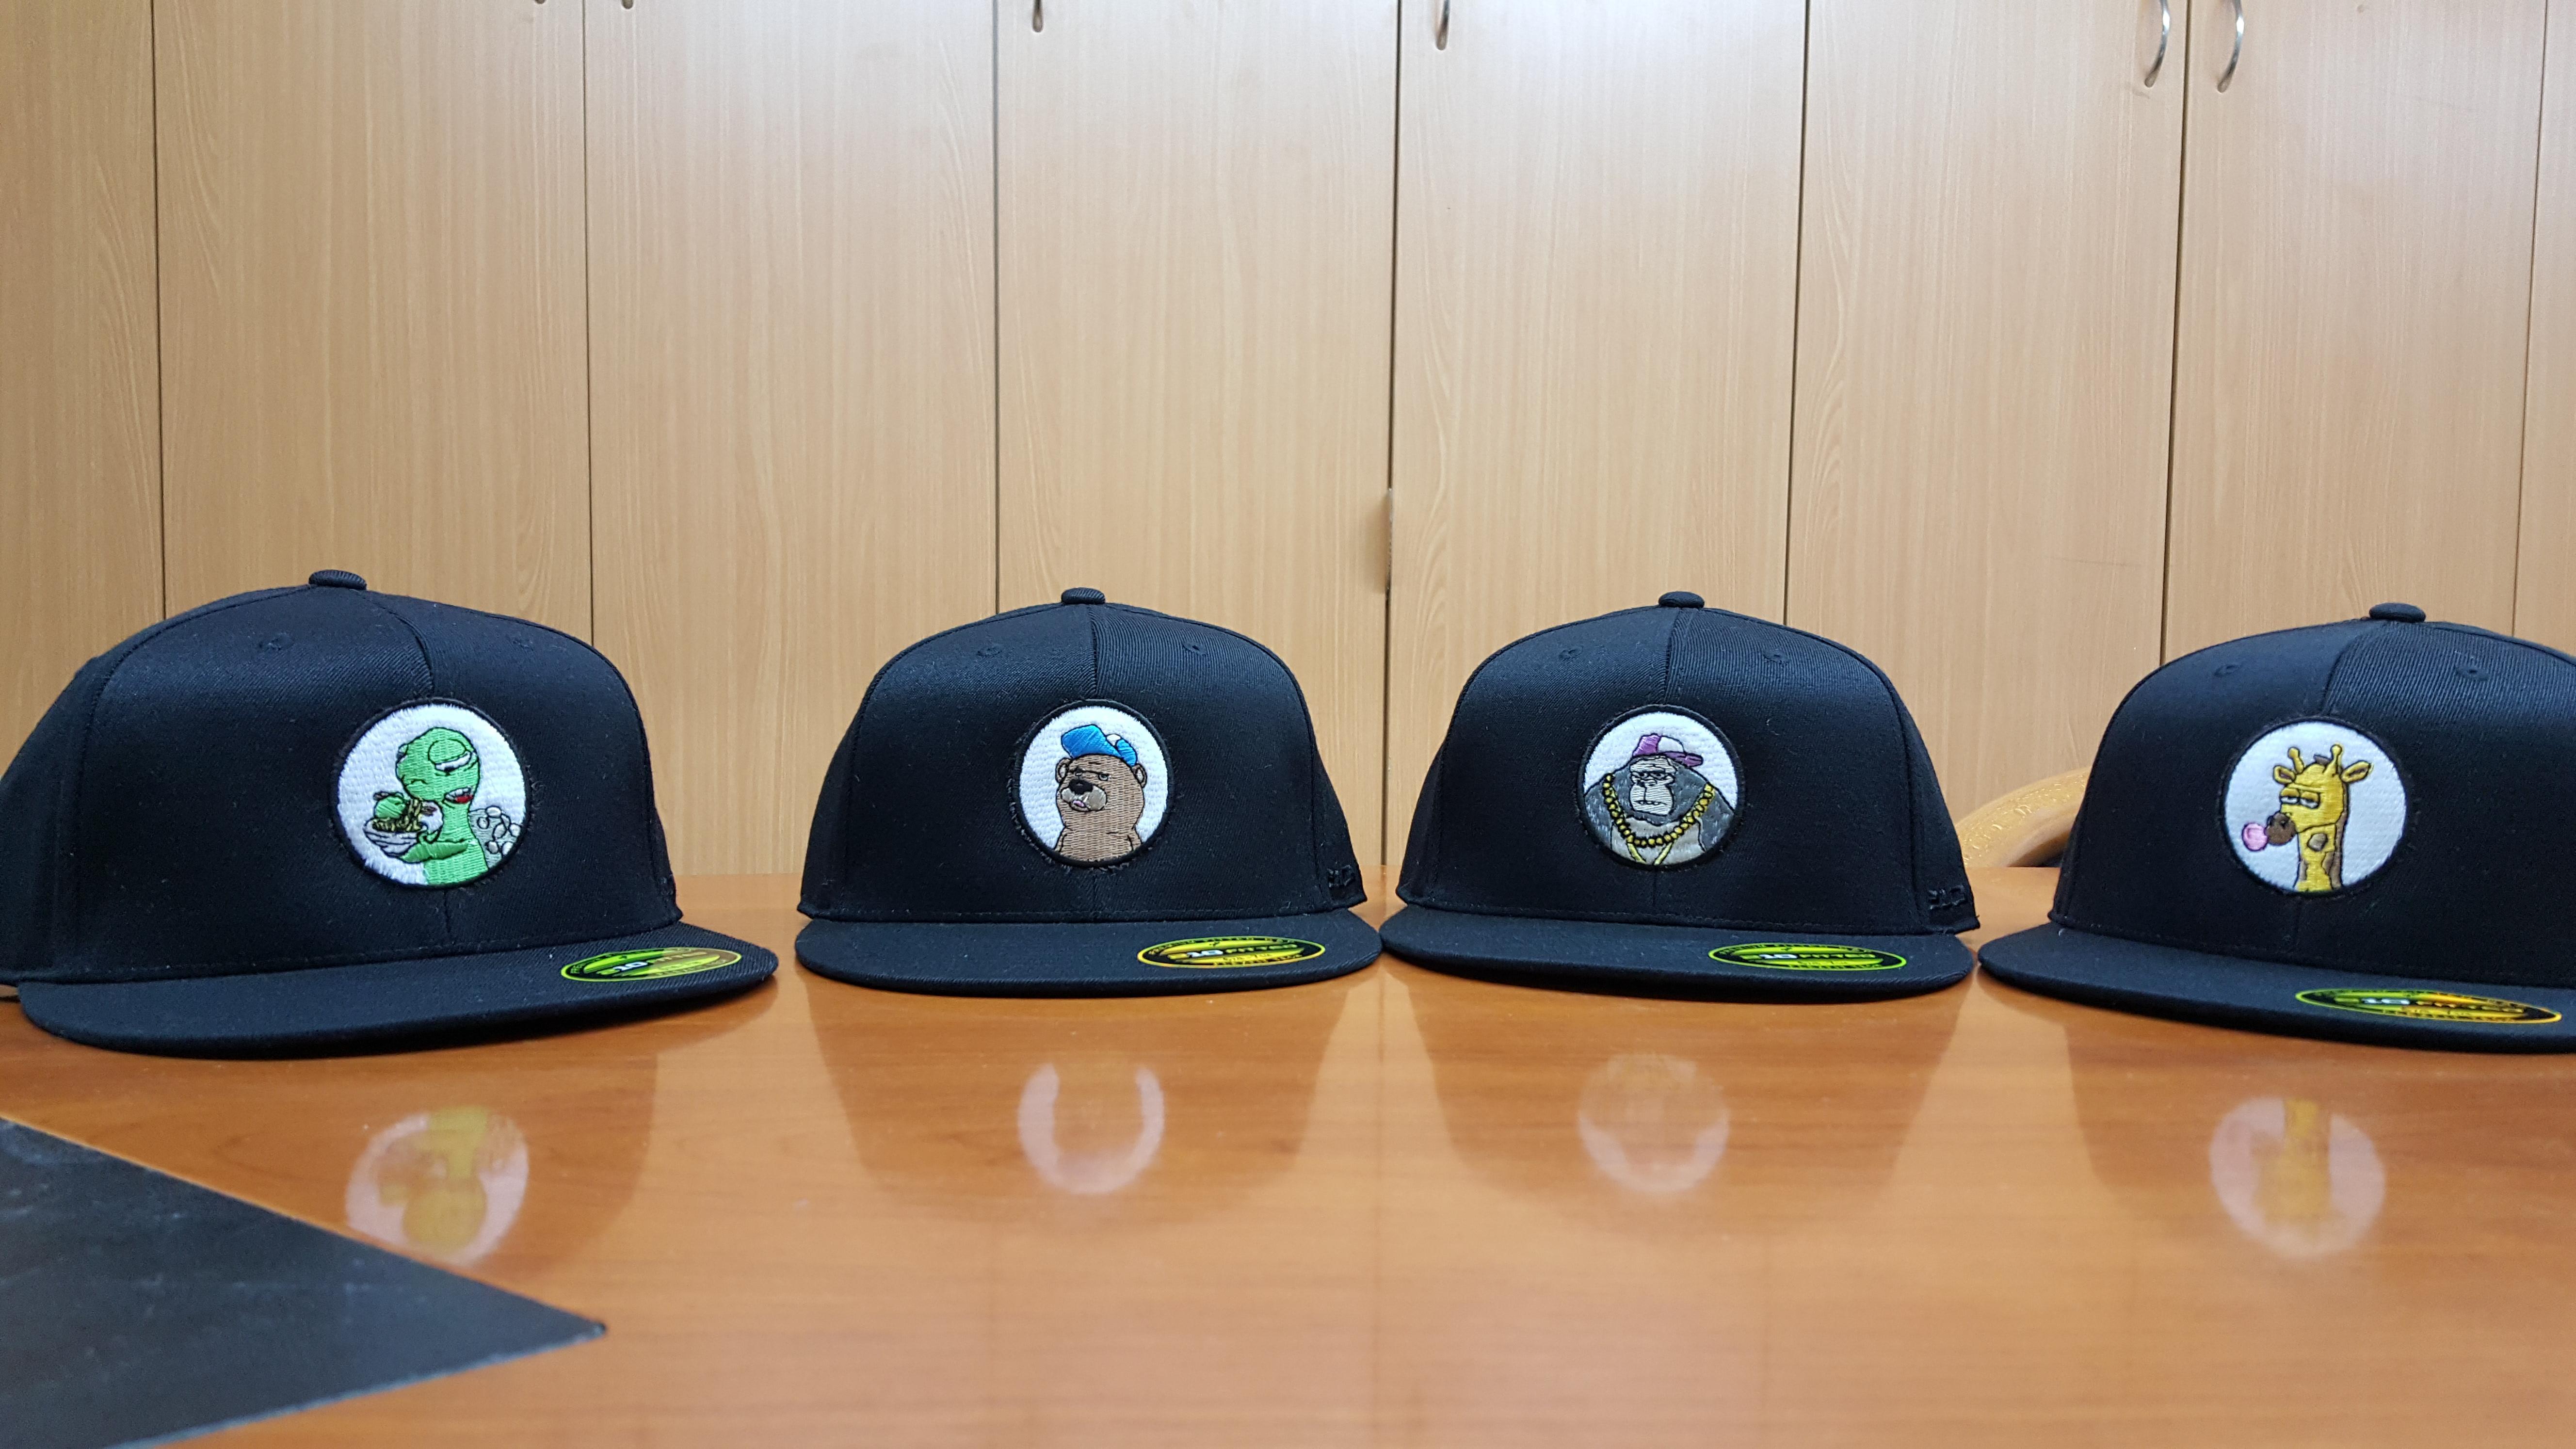 פלקספיט ישראל - כובעים מצחייה ישרה ב